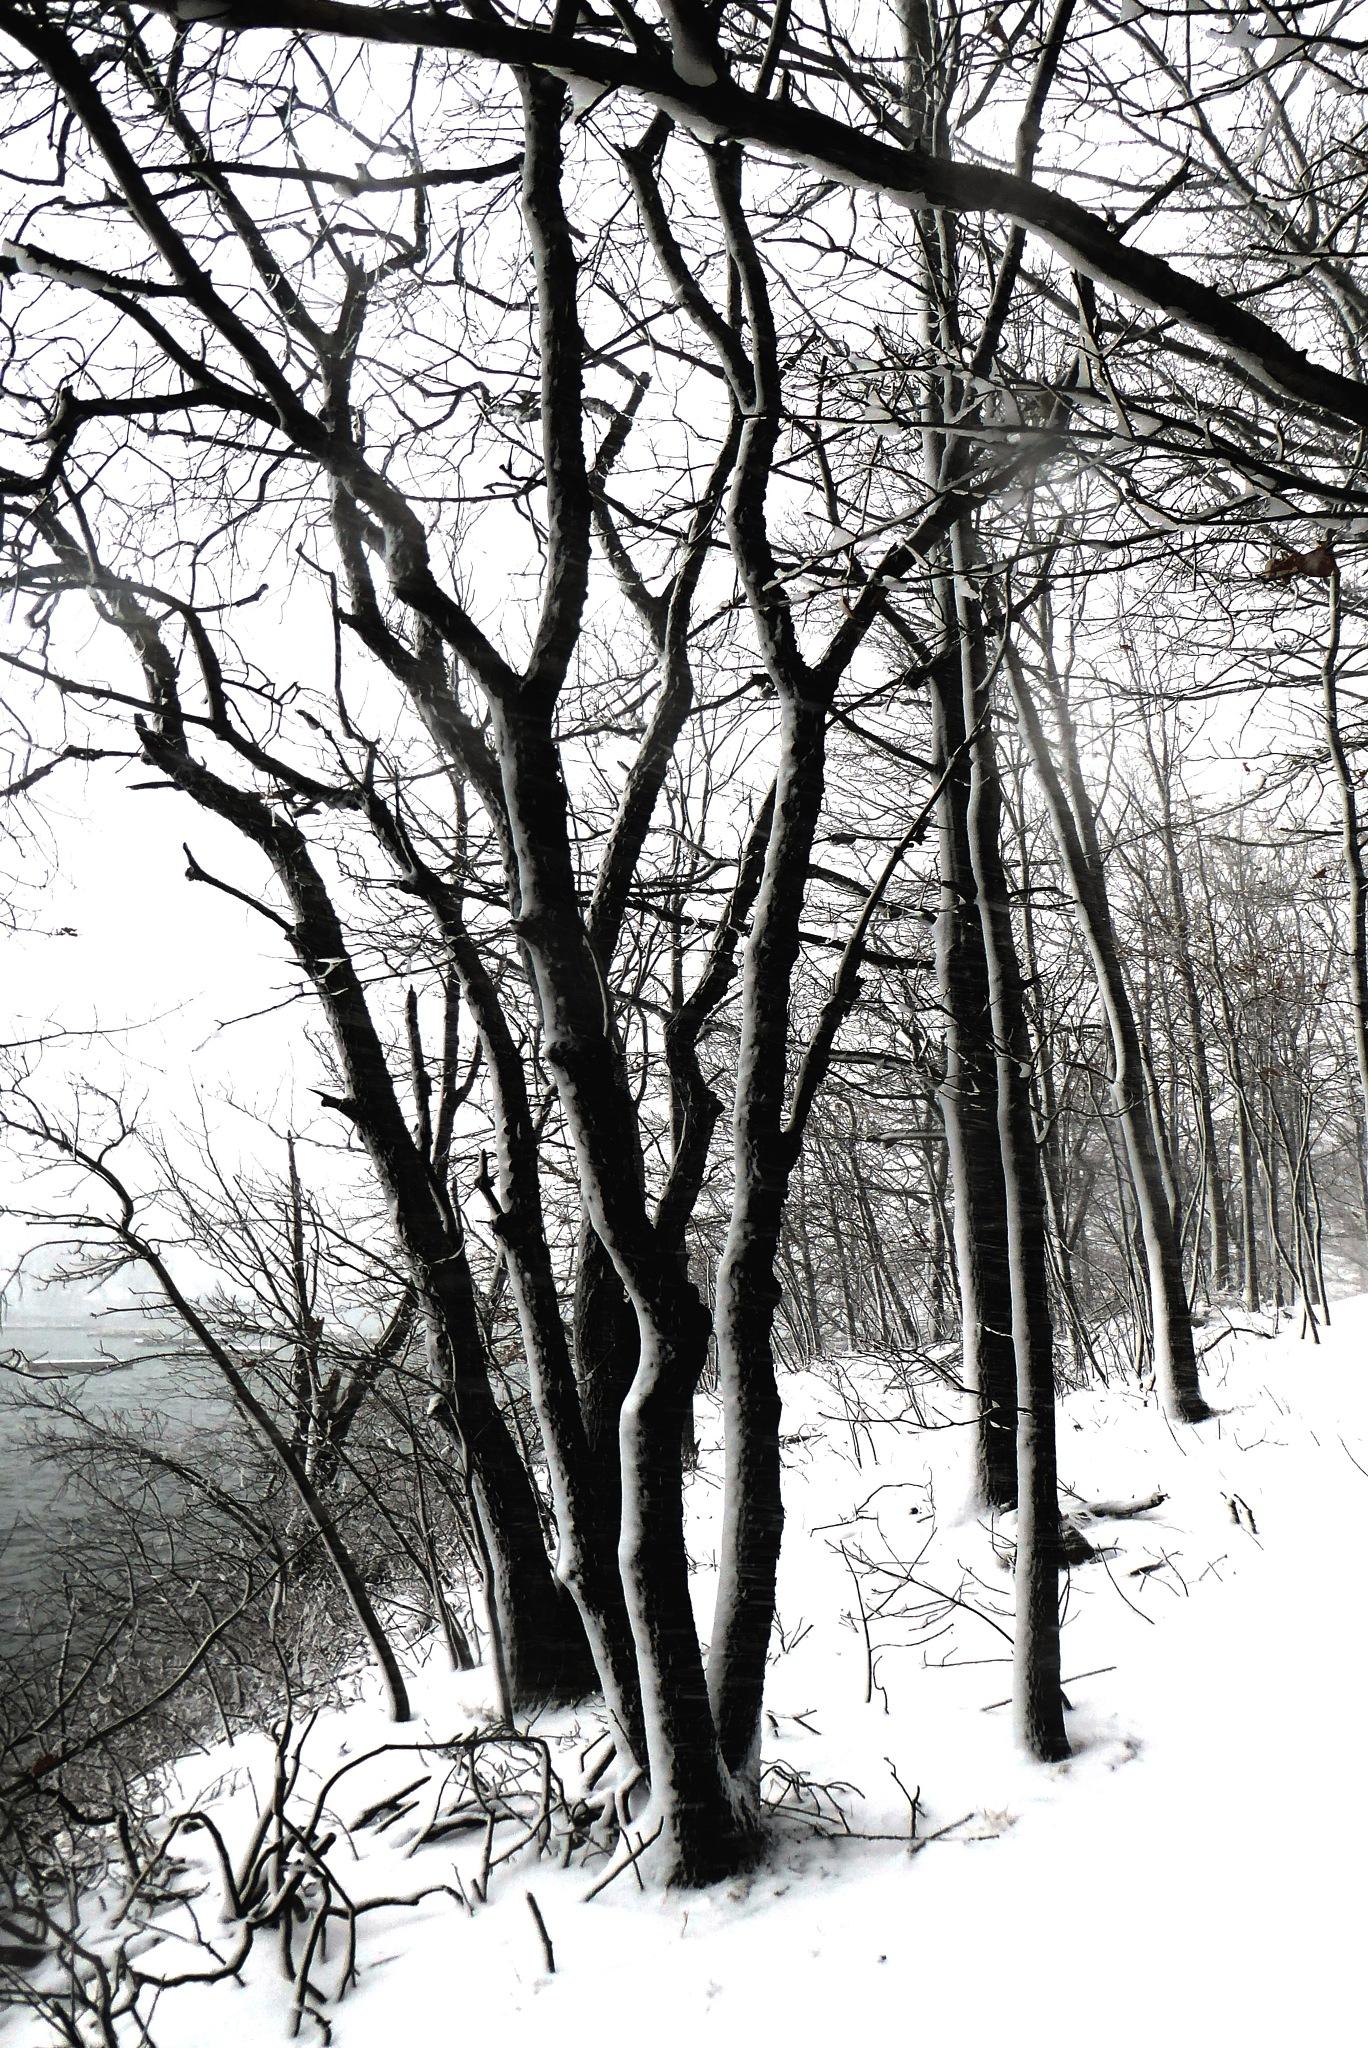 Green's Hill Winter by D. Scott Hufford